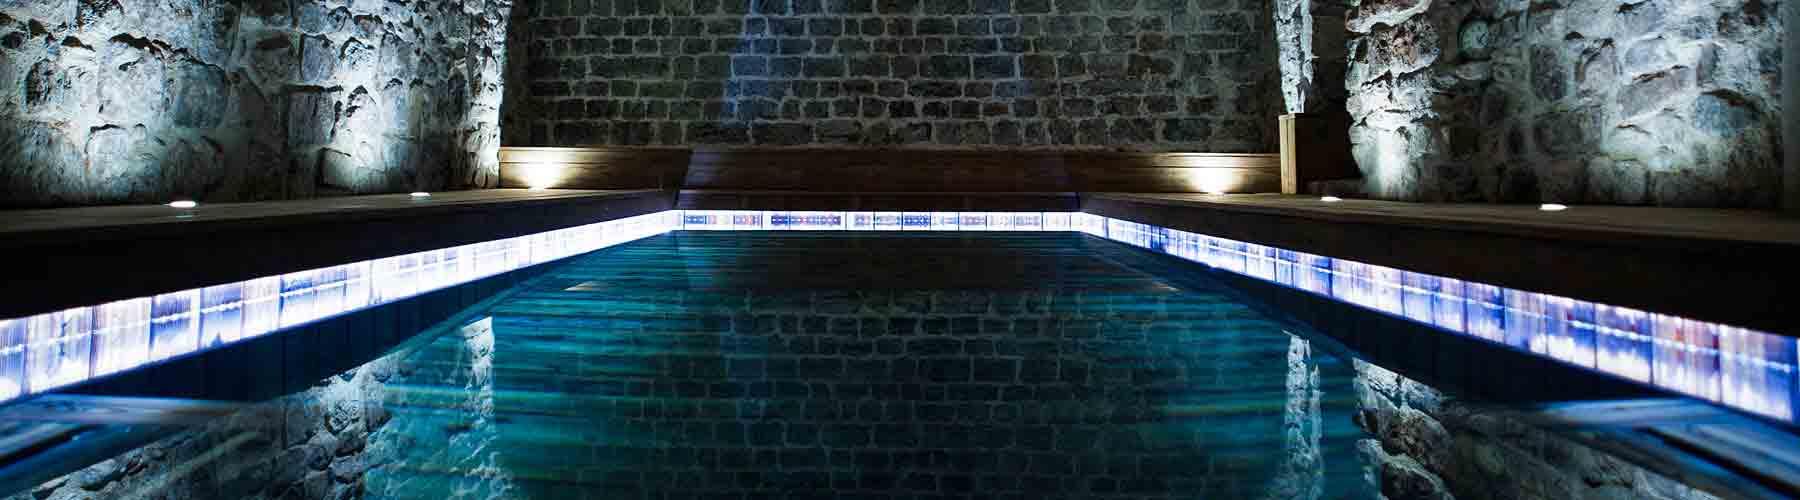 Chambre d 39 h tes avec piscine interieure jacuzzi var provence for Chambre piscine